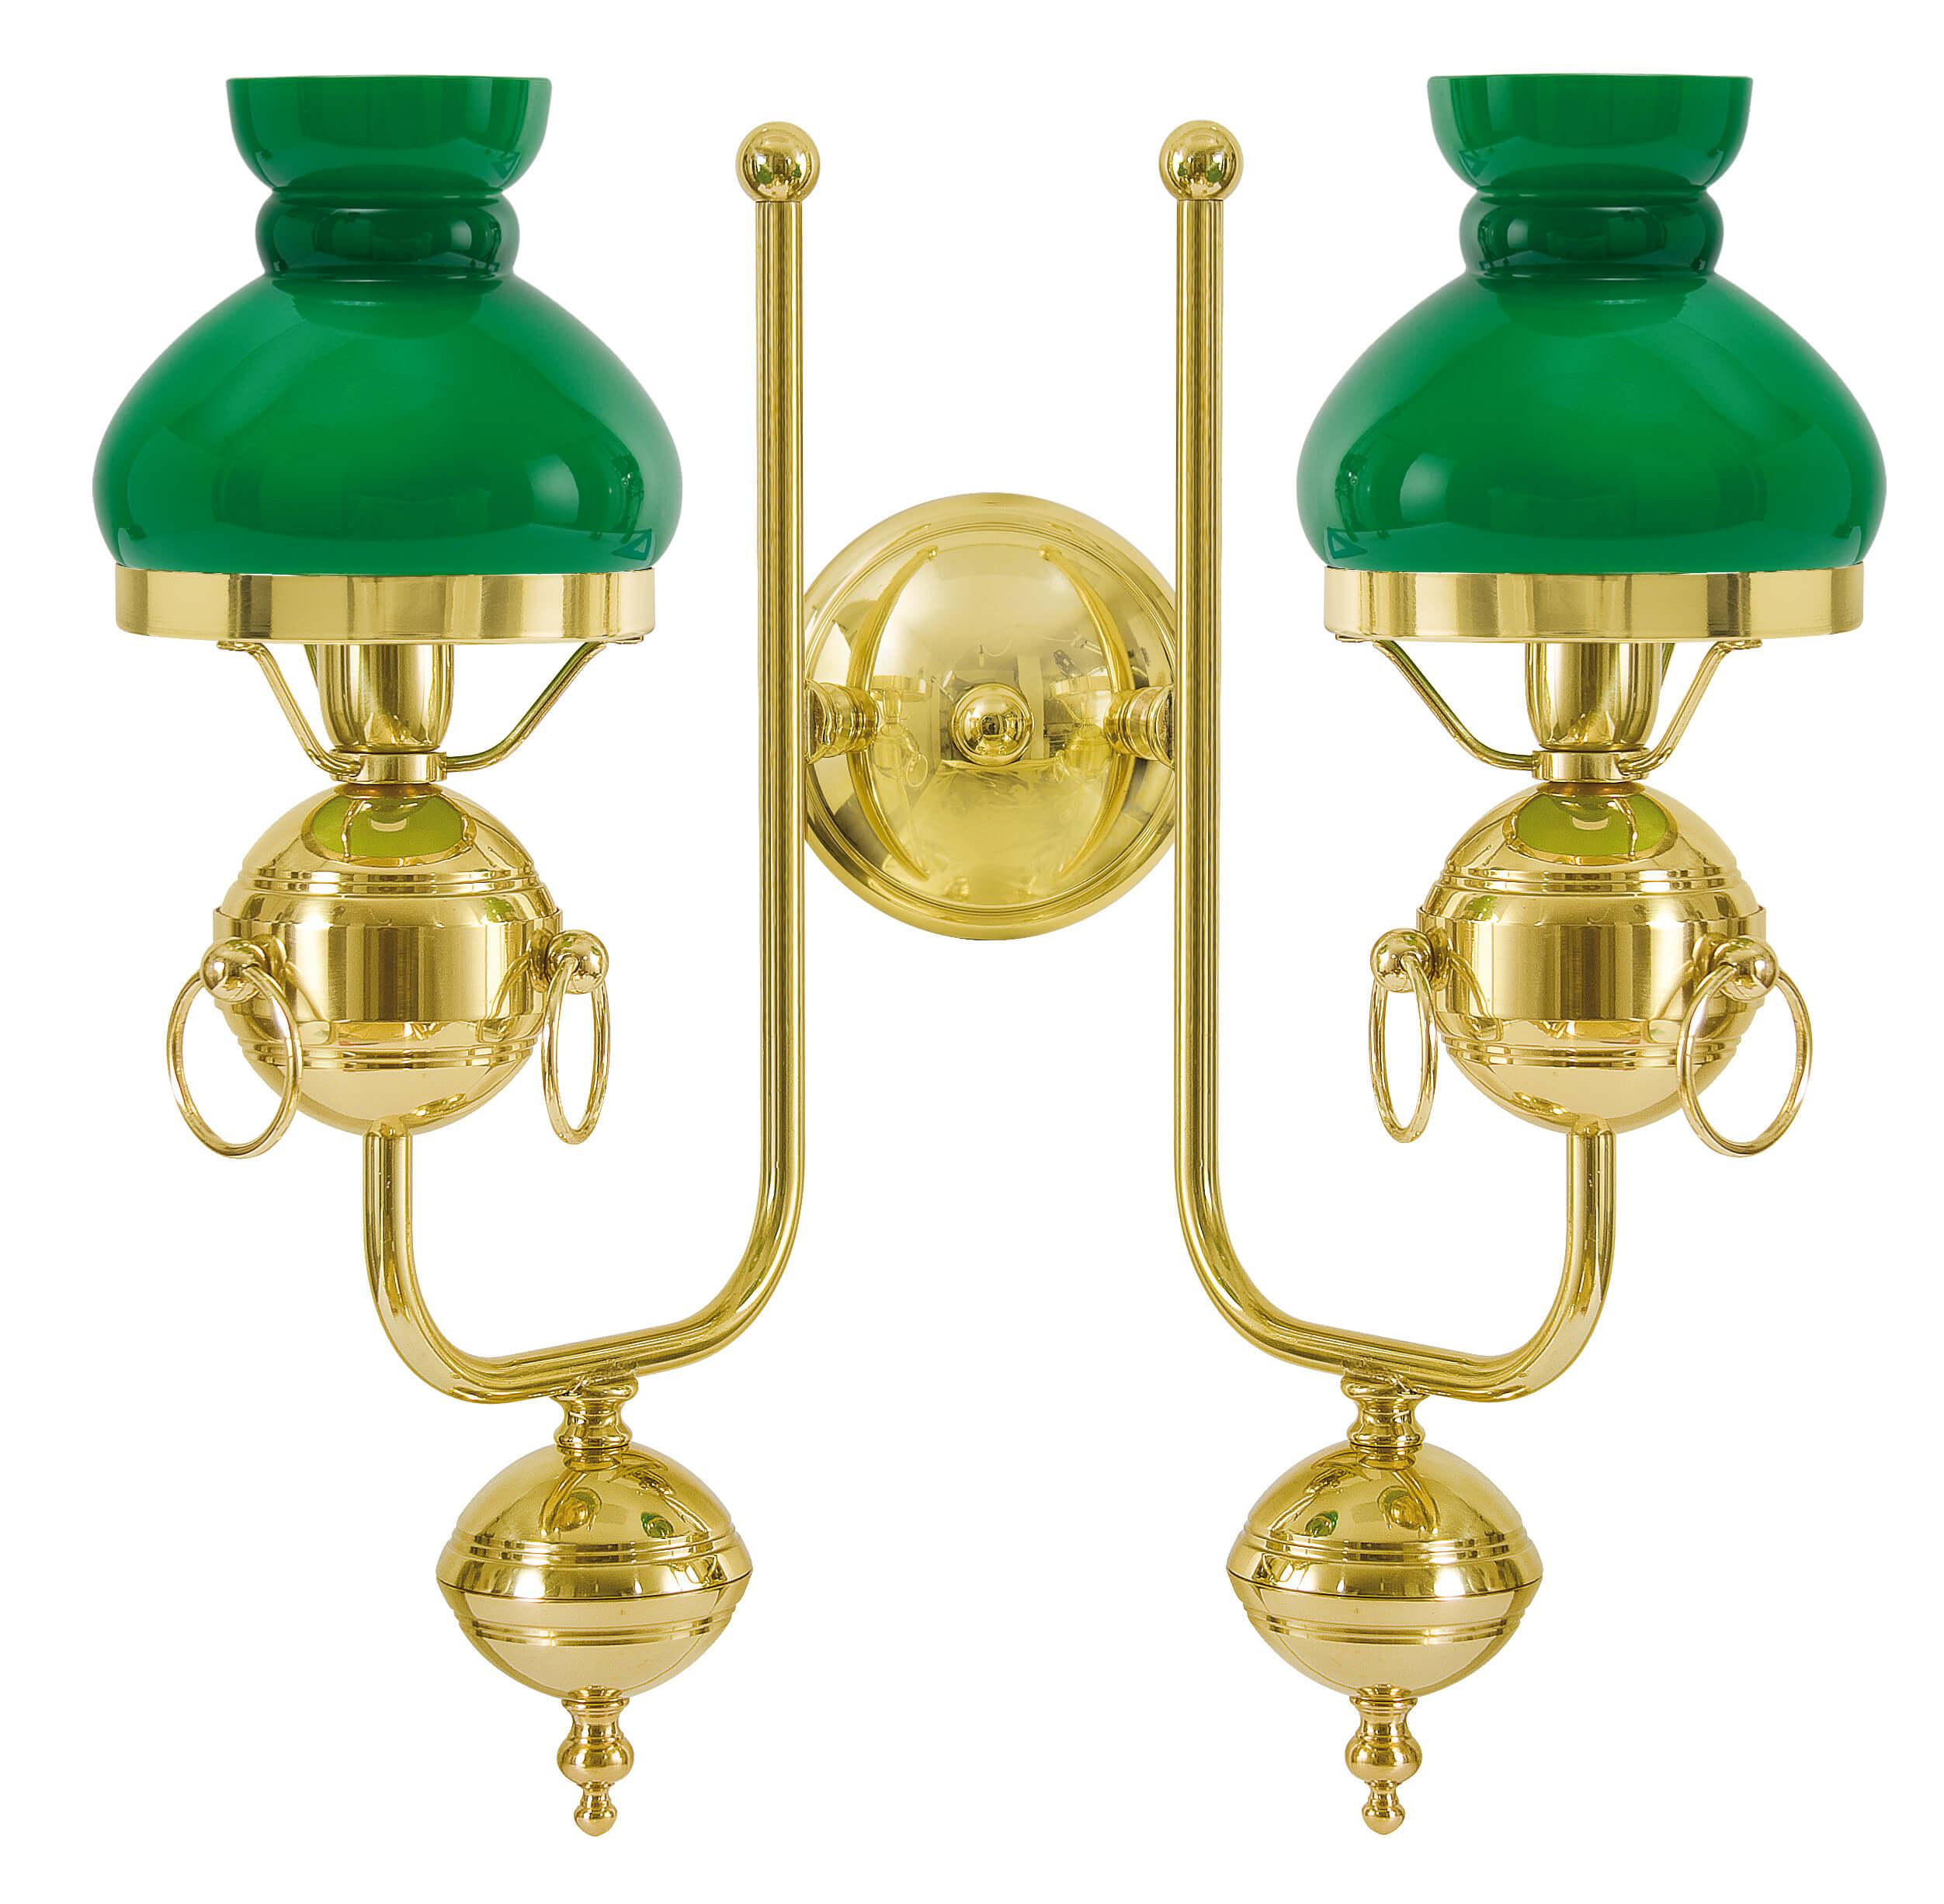 Premium Wandleuchte Vergoldet Mit 24 Karat Gold2-Flmg